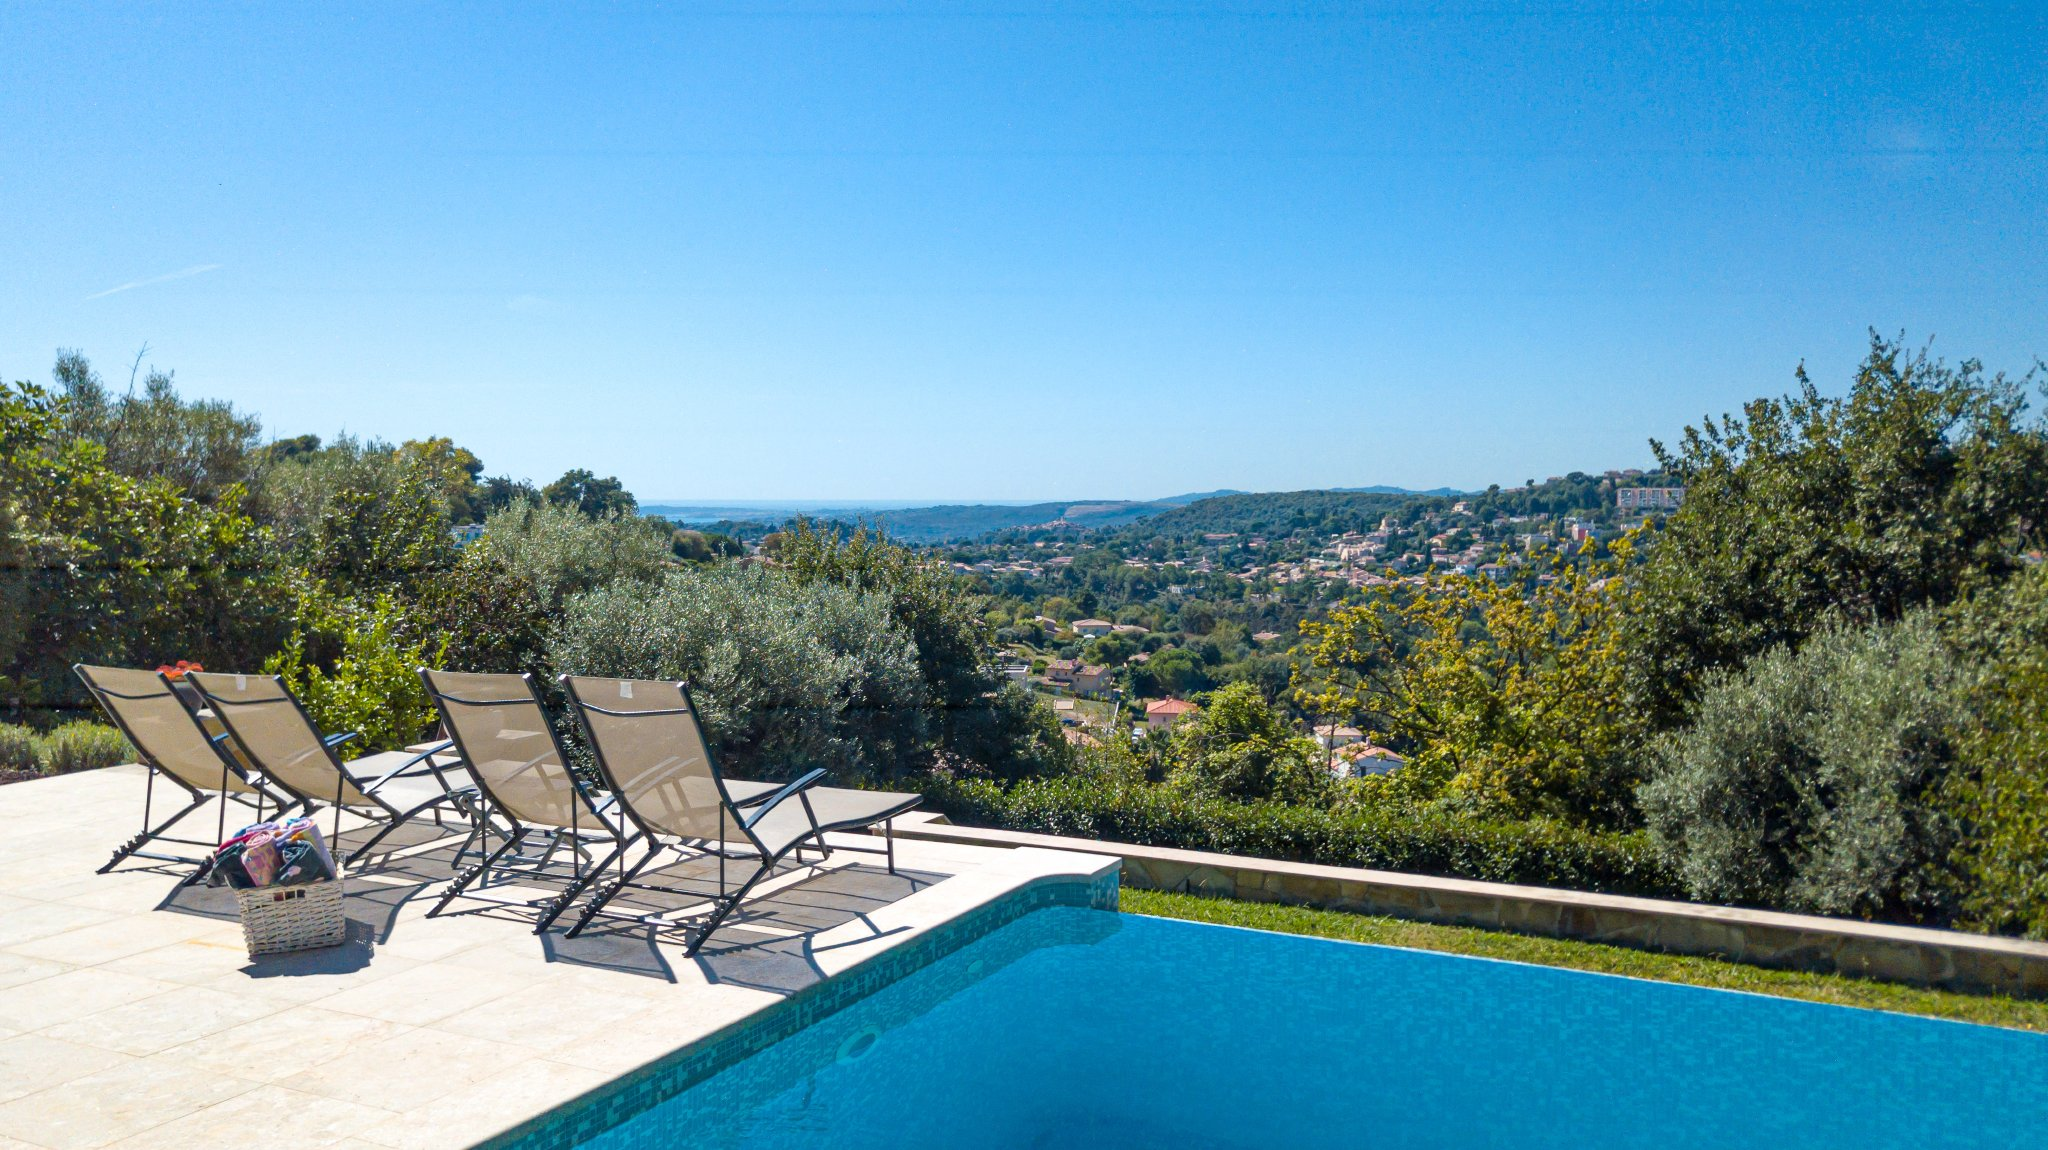 Luxus Villa - Entspannung in Sauna und Pool in Vence Cote d\'Azur